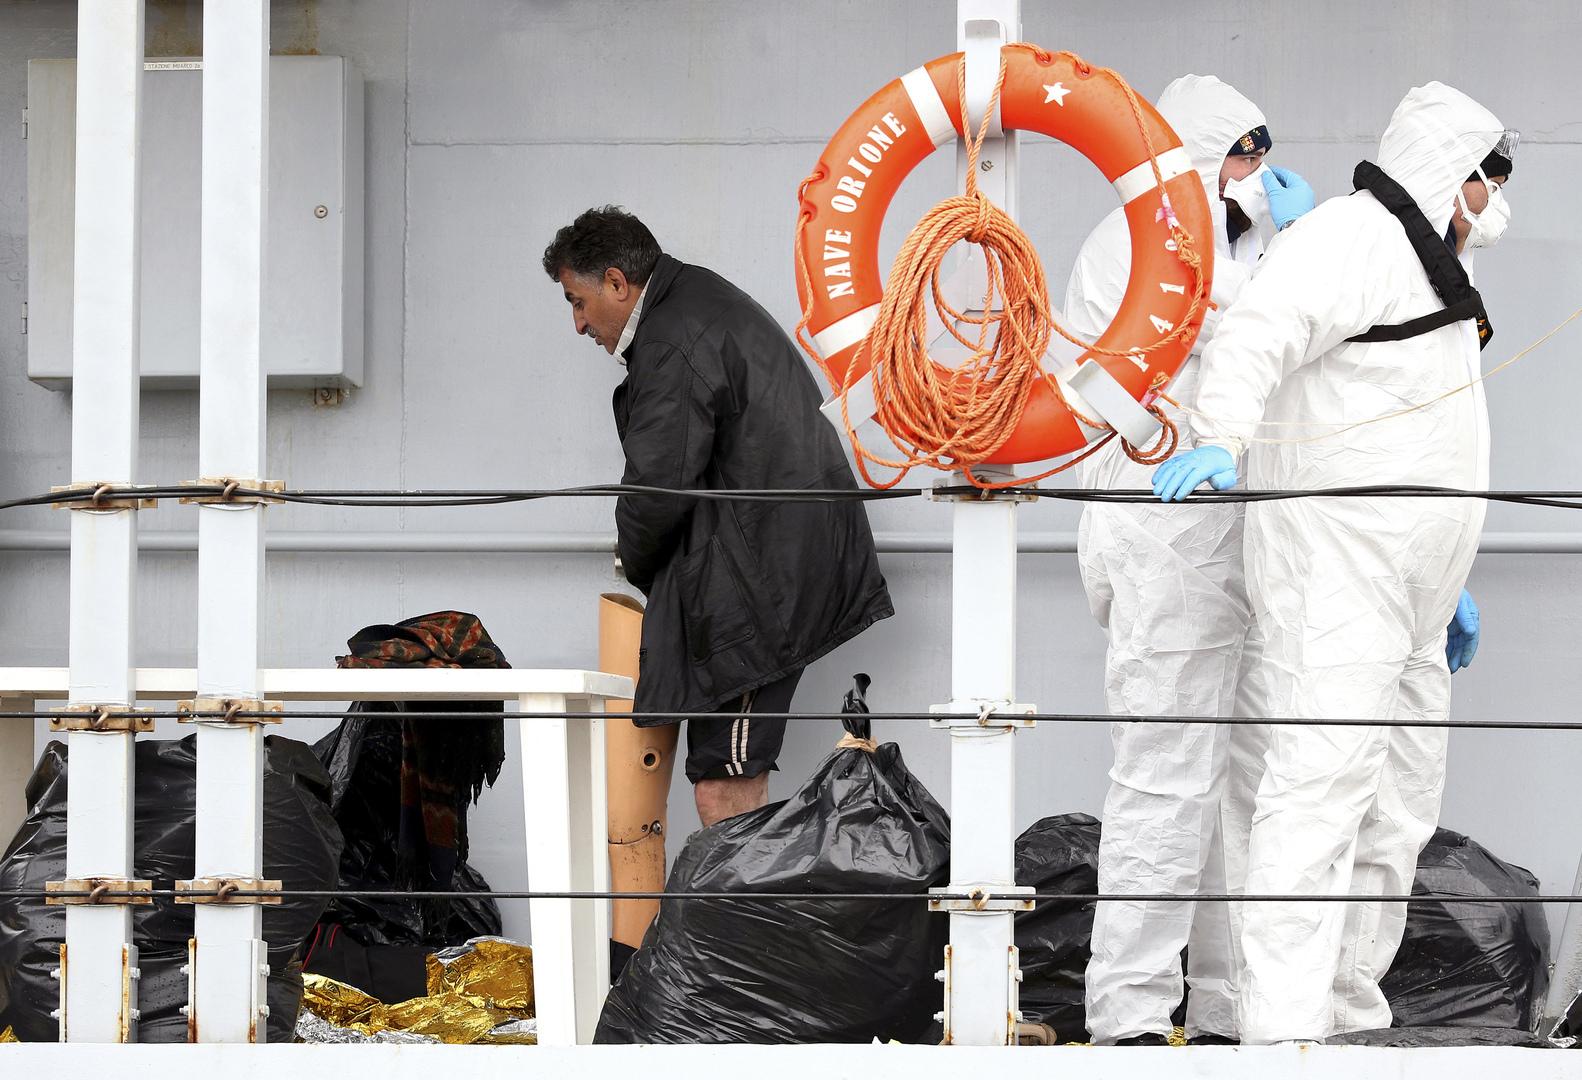 إيطاليا تحجر على المهاجرين المصابين بكورونا في البحر